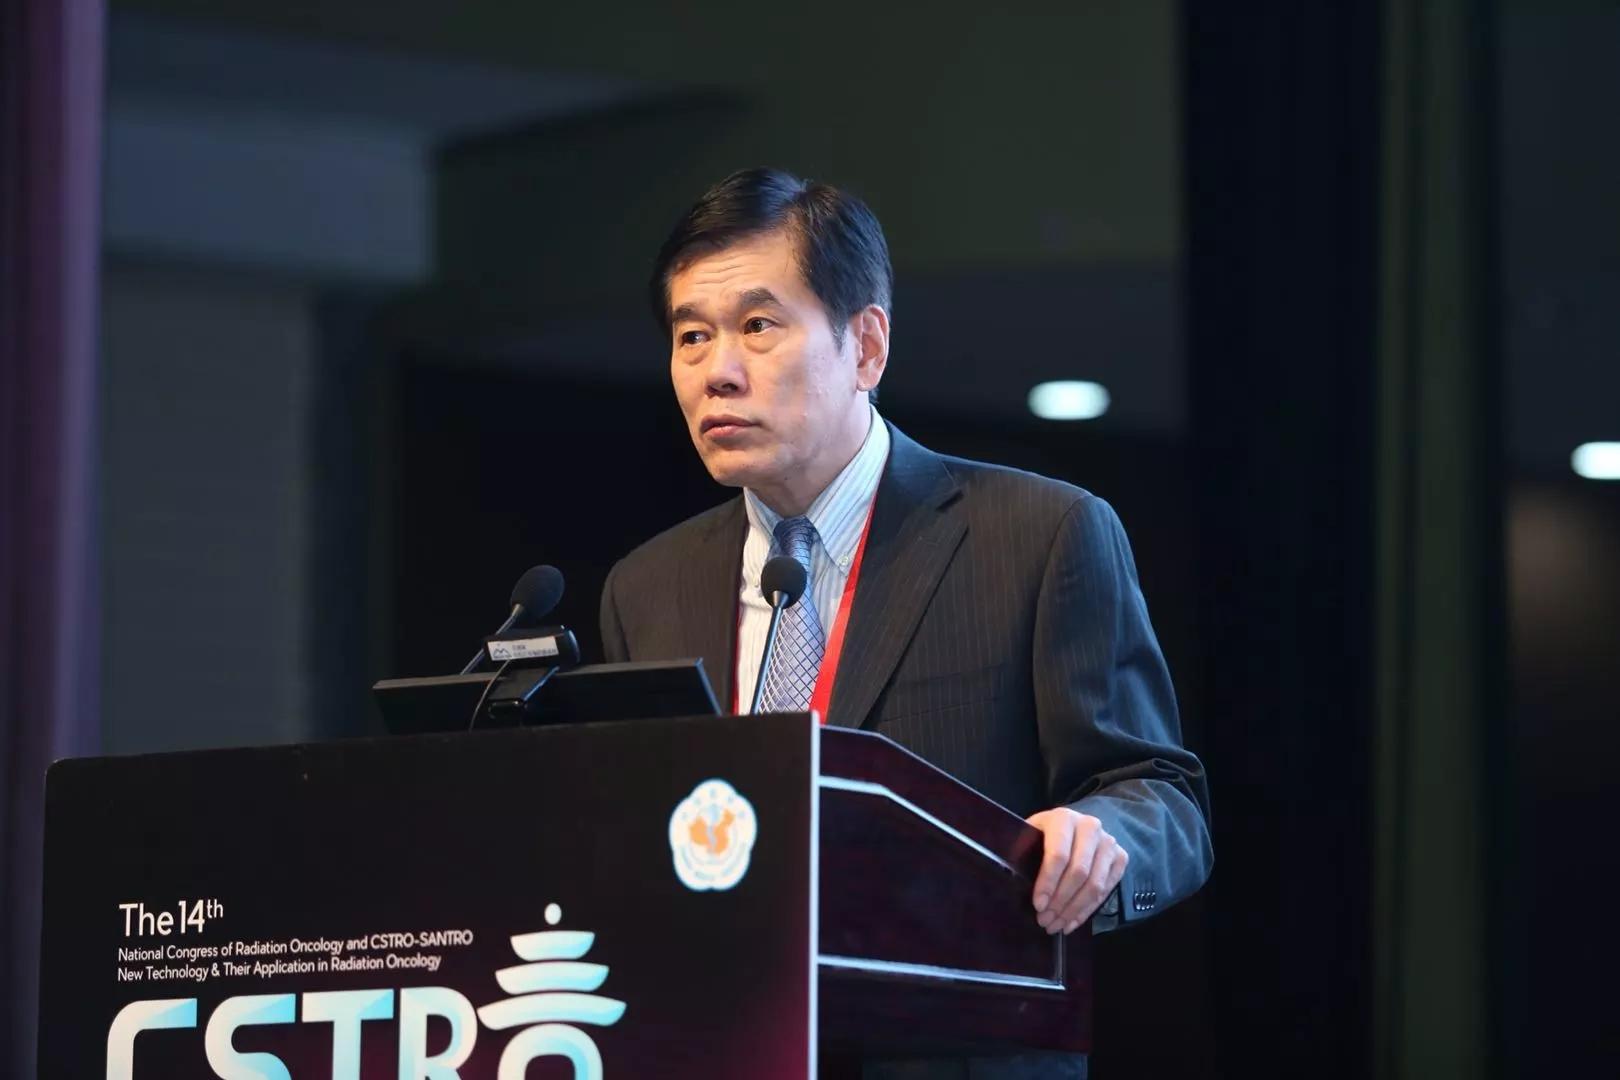 中国医科院肿瘤医院院长解读:2017年中国肿瘤的现况和趋势.webp.jpg